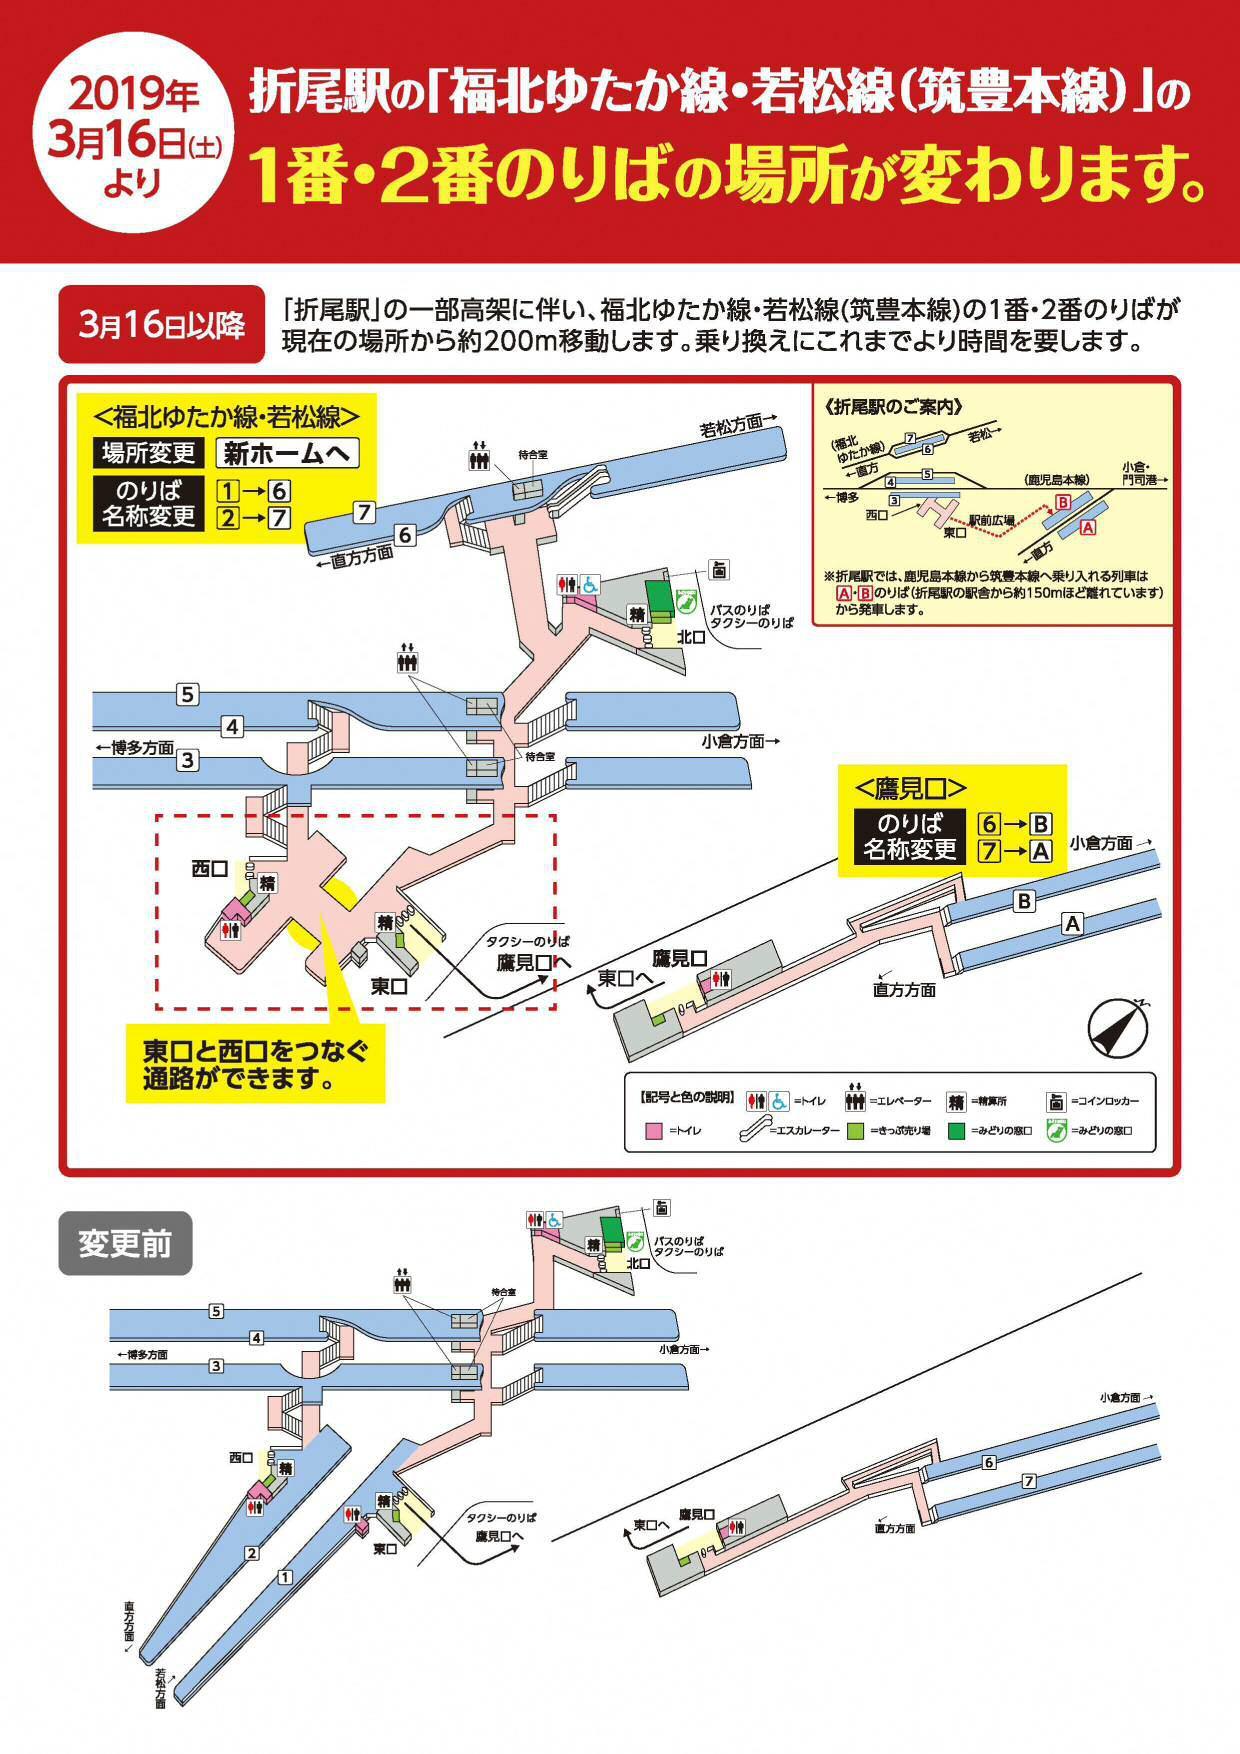 折尾駅乗り場変更